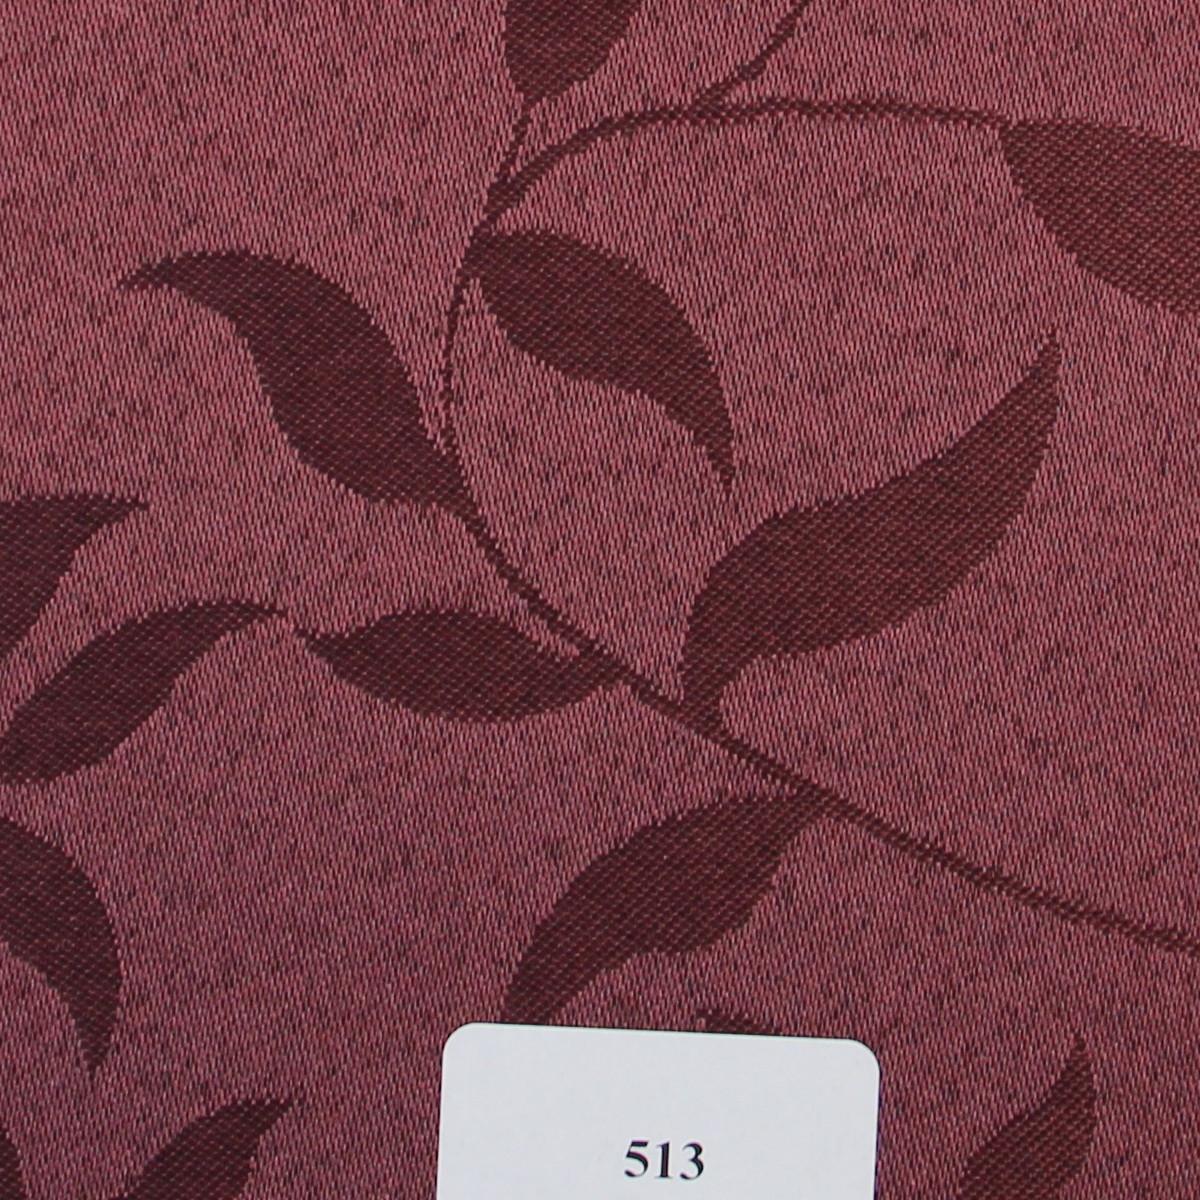 Рулонні штори Тканина Натура 513 Баклажановий